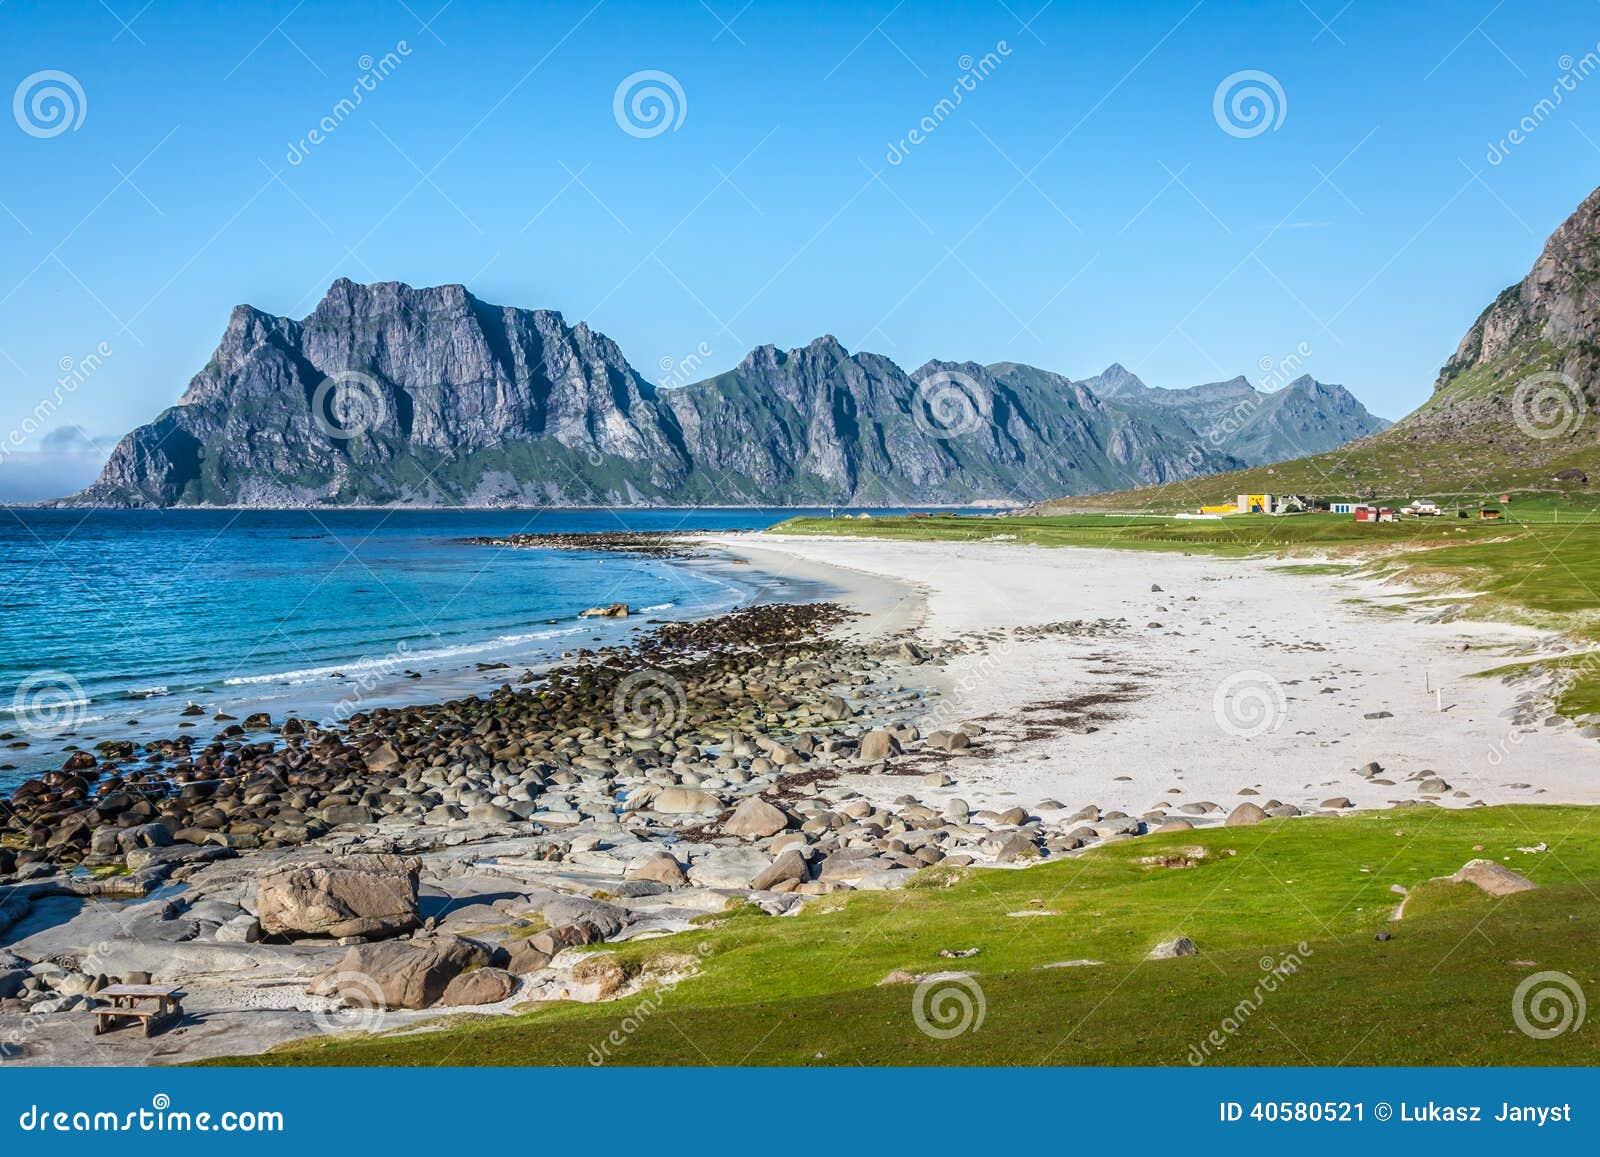 sch ne ansicht zu eggum strand in norwegen lofoten inseln stockfoto bild 40580521. Black Bedroom Furniture Sets. Home Design Ideas